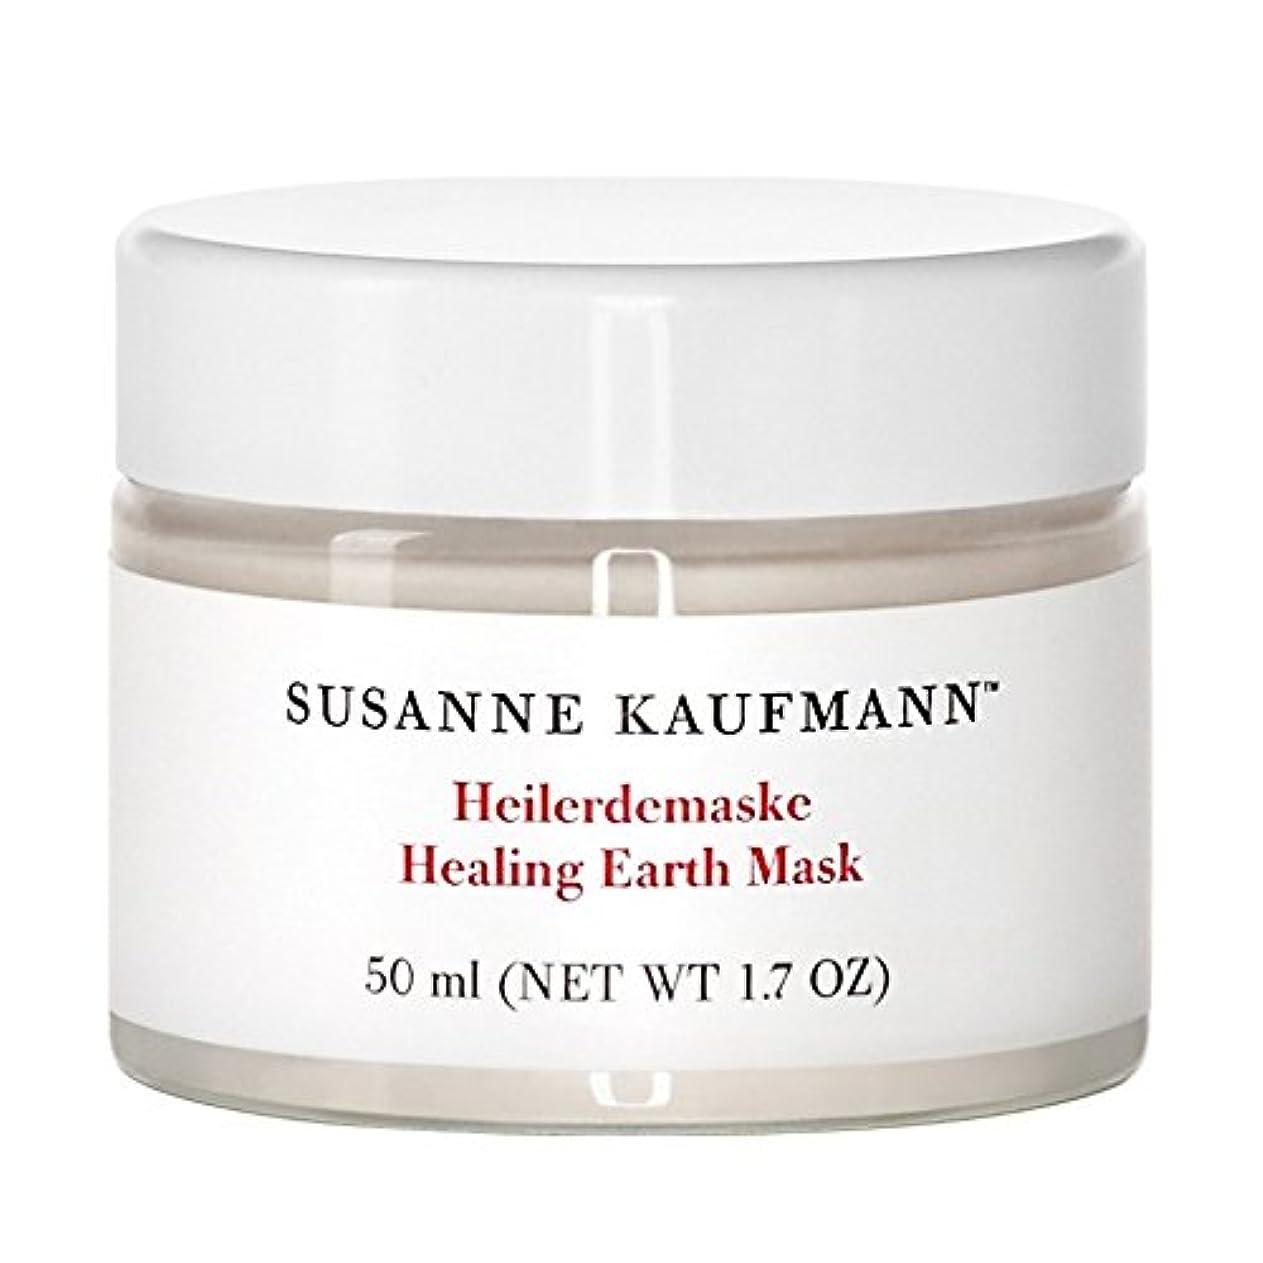 星開始世代スザンヌカウフマン癒しの地球マスク50ミリリットル x2 - Susanne Kaufmann Healing Earth Mask 50ml (Pack of 2) [並行輸入品]